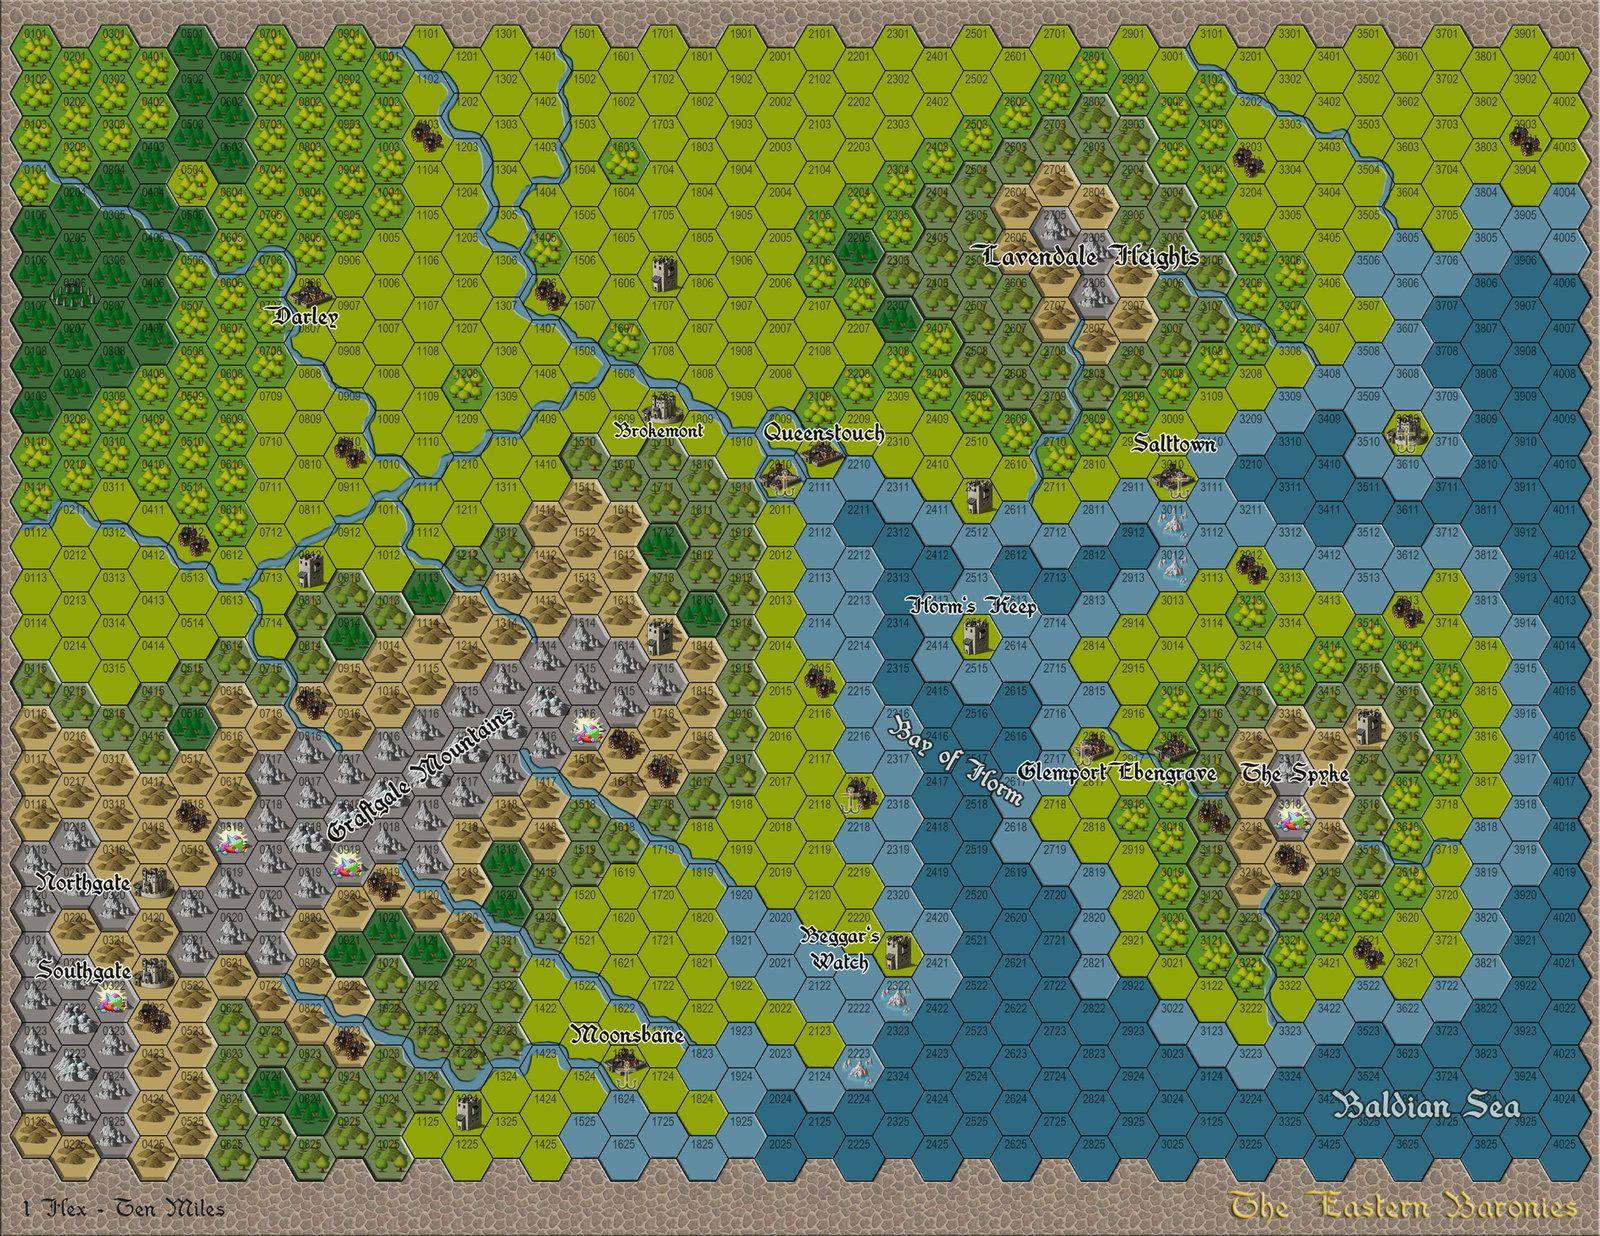 Podobny obraz hex map pinterest hex map hex map podobny obraz gumiabroncs Image collections